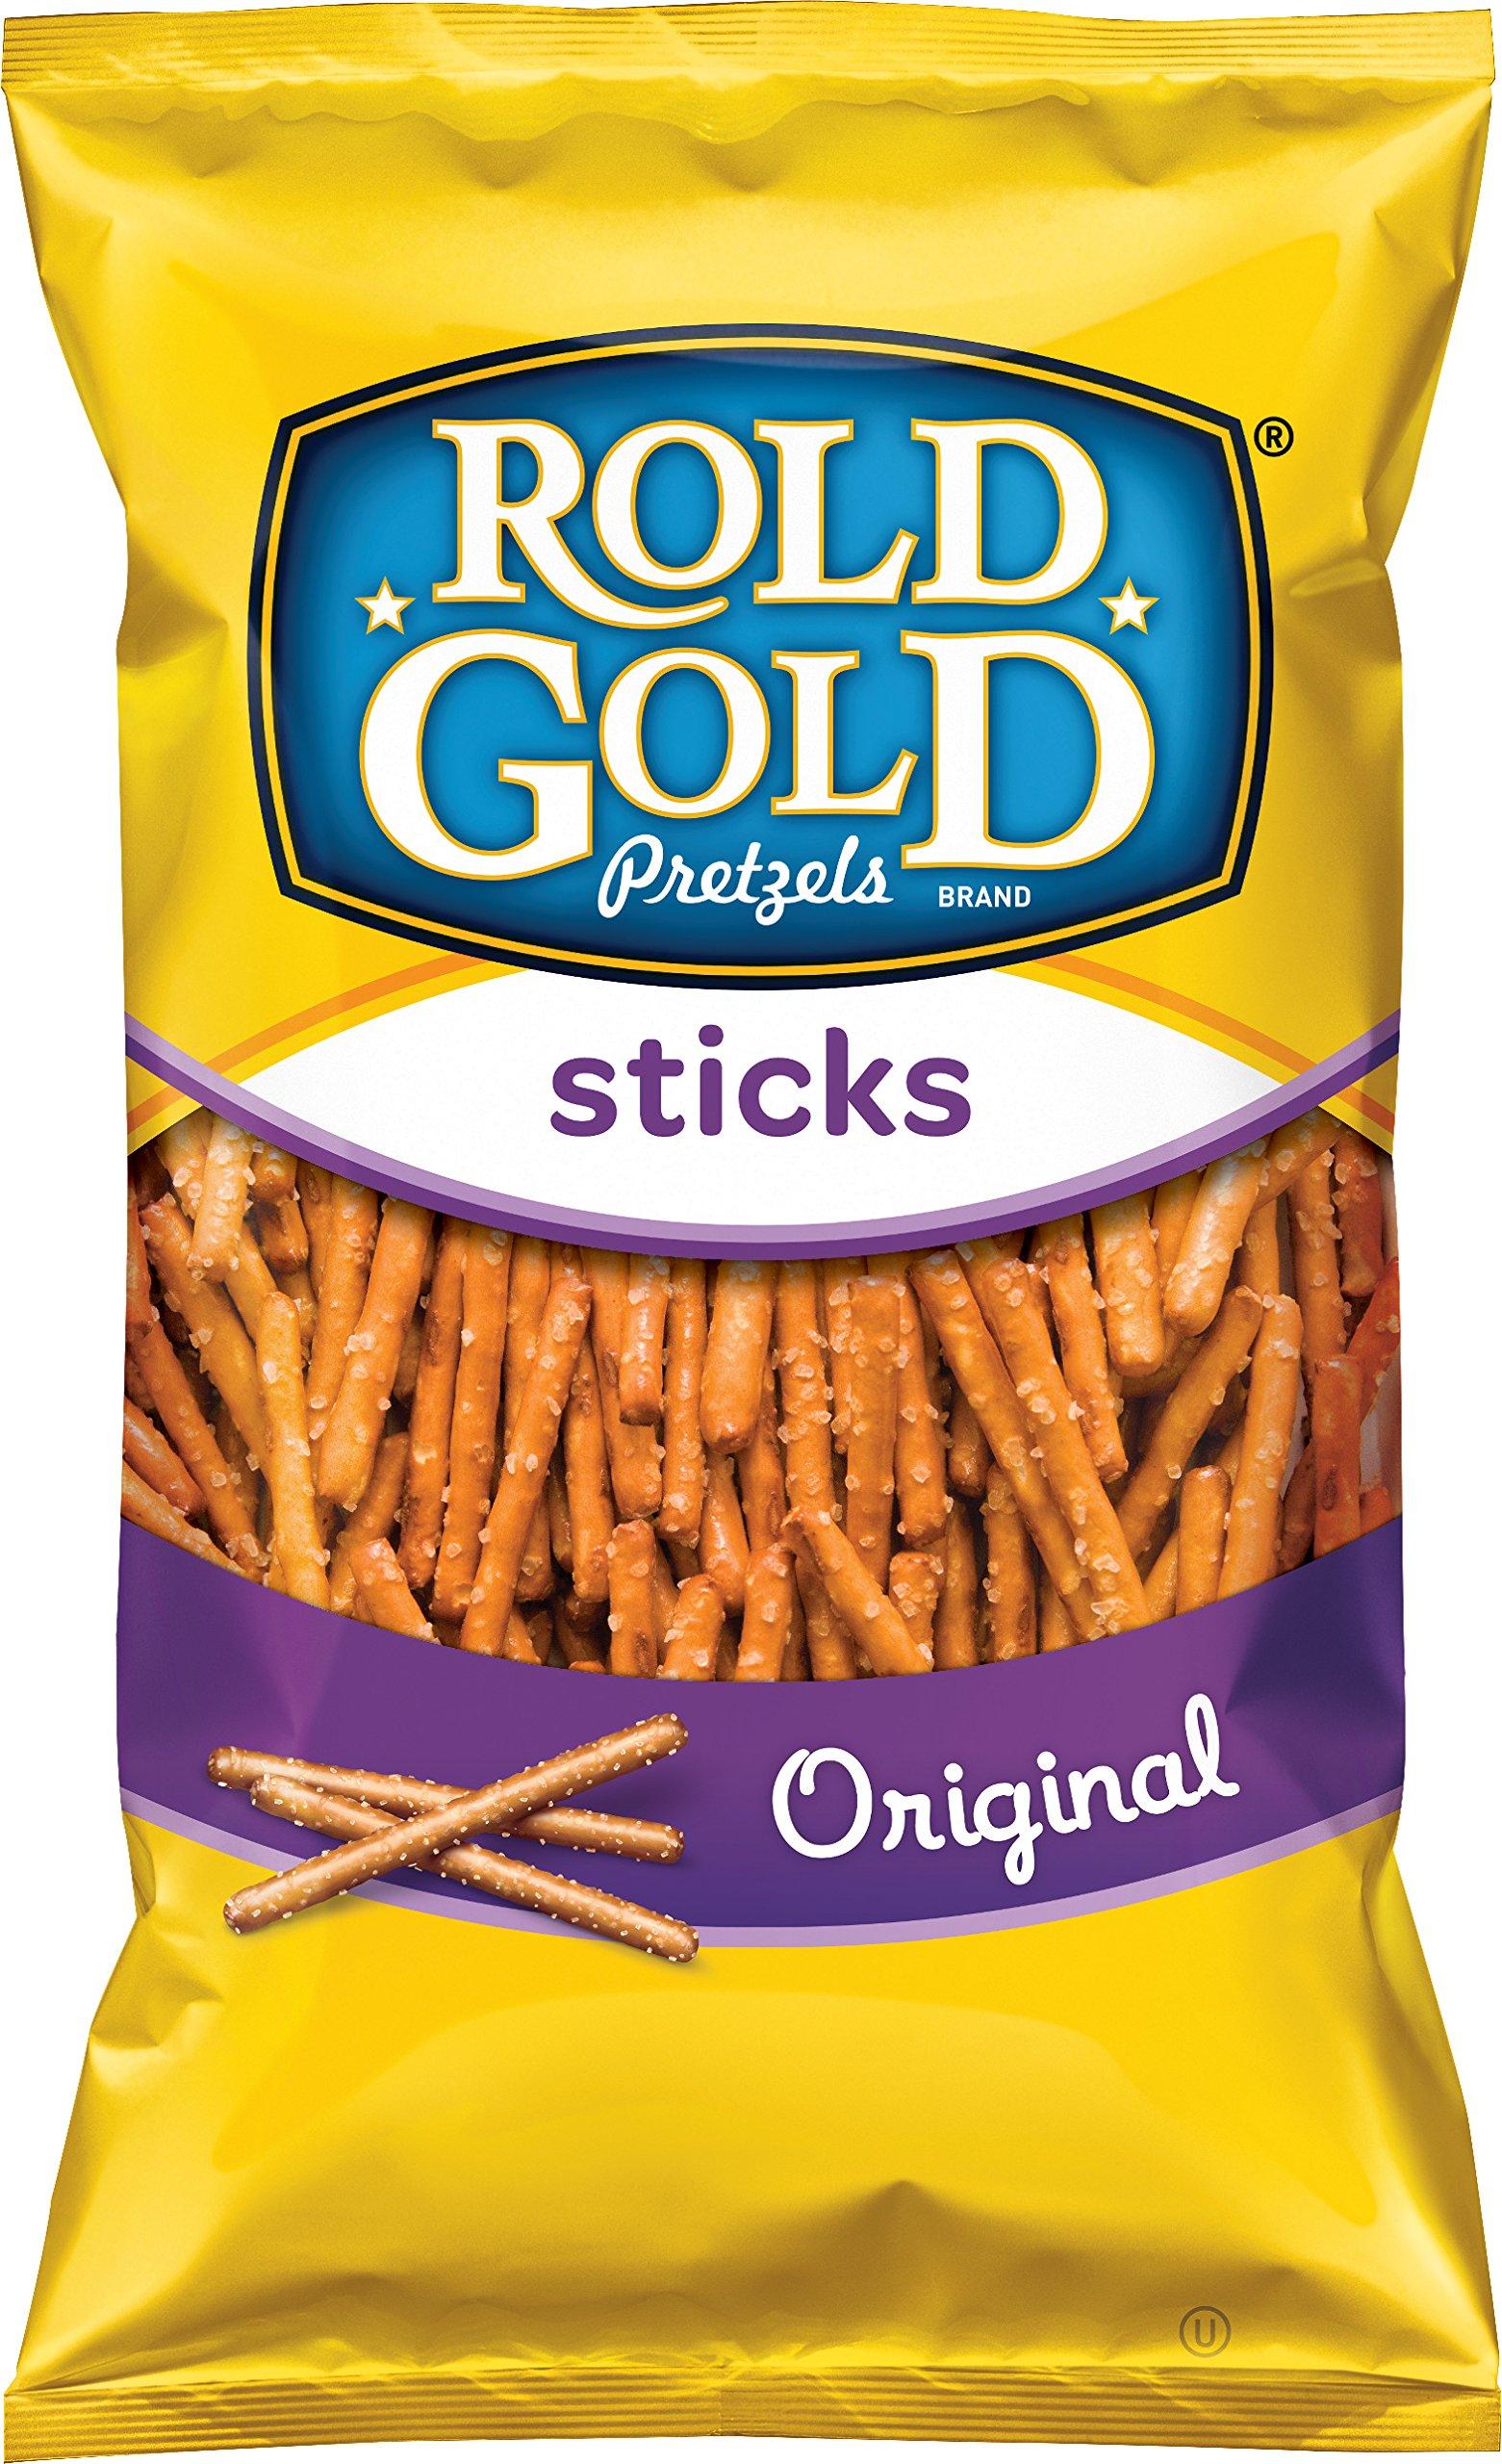 Rold Gold Sticks Pretzels, 16 Ounce